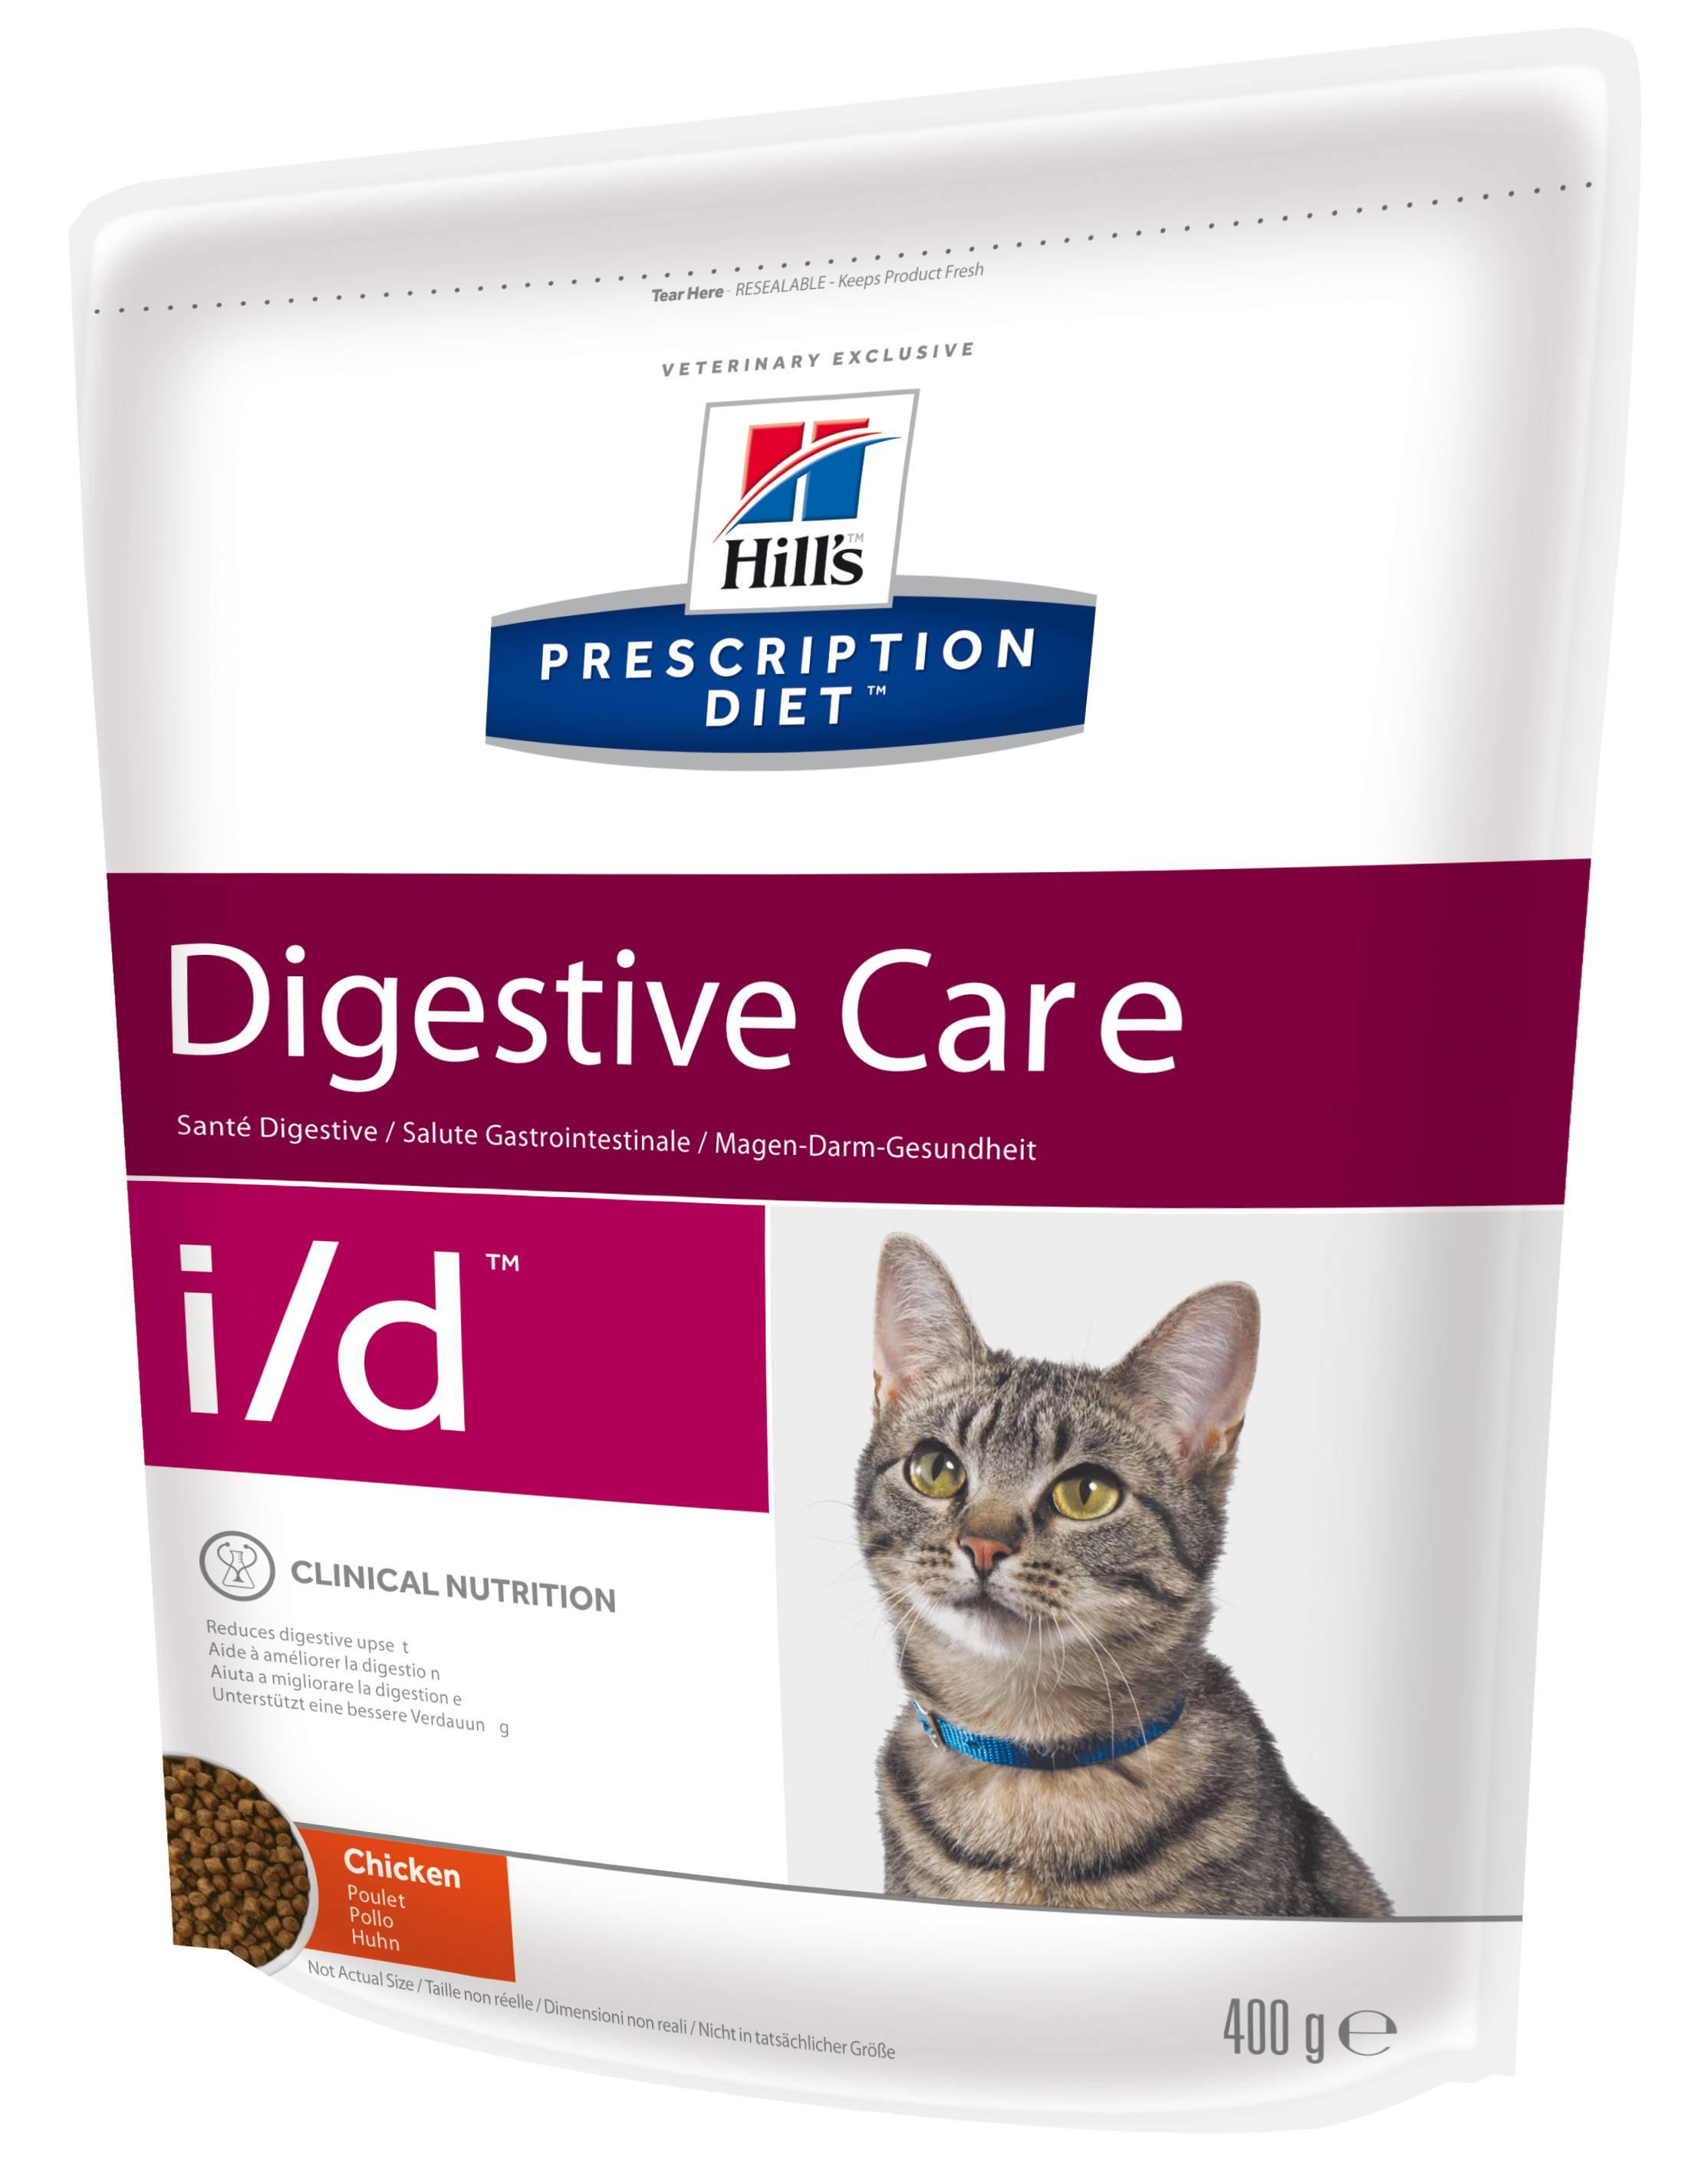 Какие бывают диеты в рамках hill's prescription diet canine и feline; анализ корма, рейтинг и сравнение корма для собак и кошек «хиллс прескрипшен диет»; обзор состава экспертами